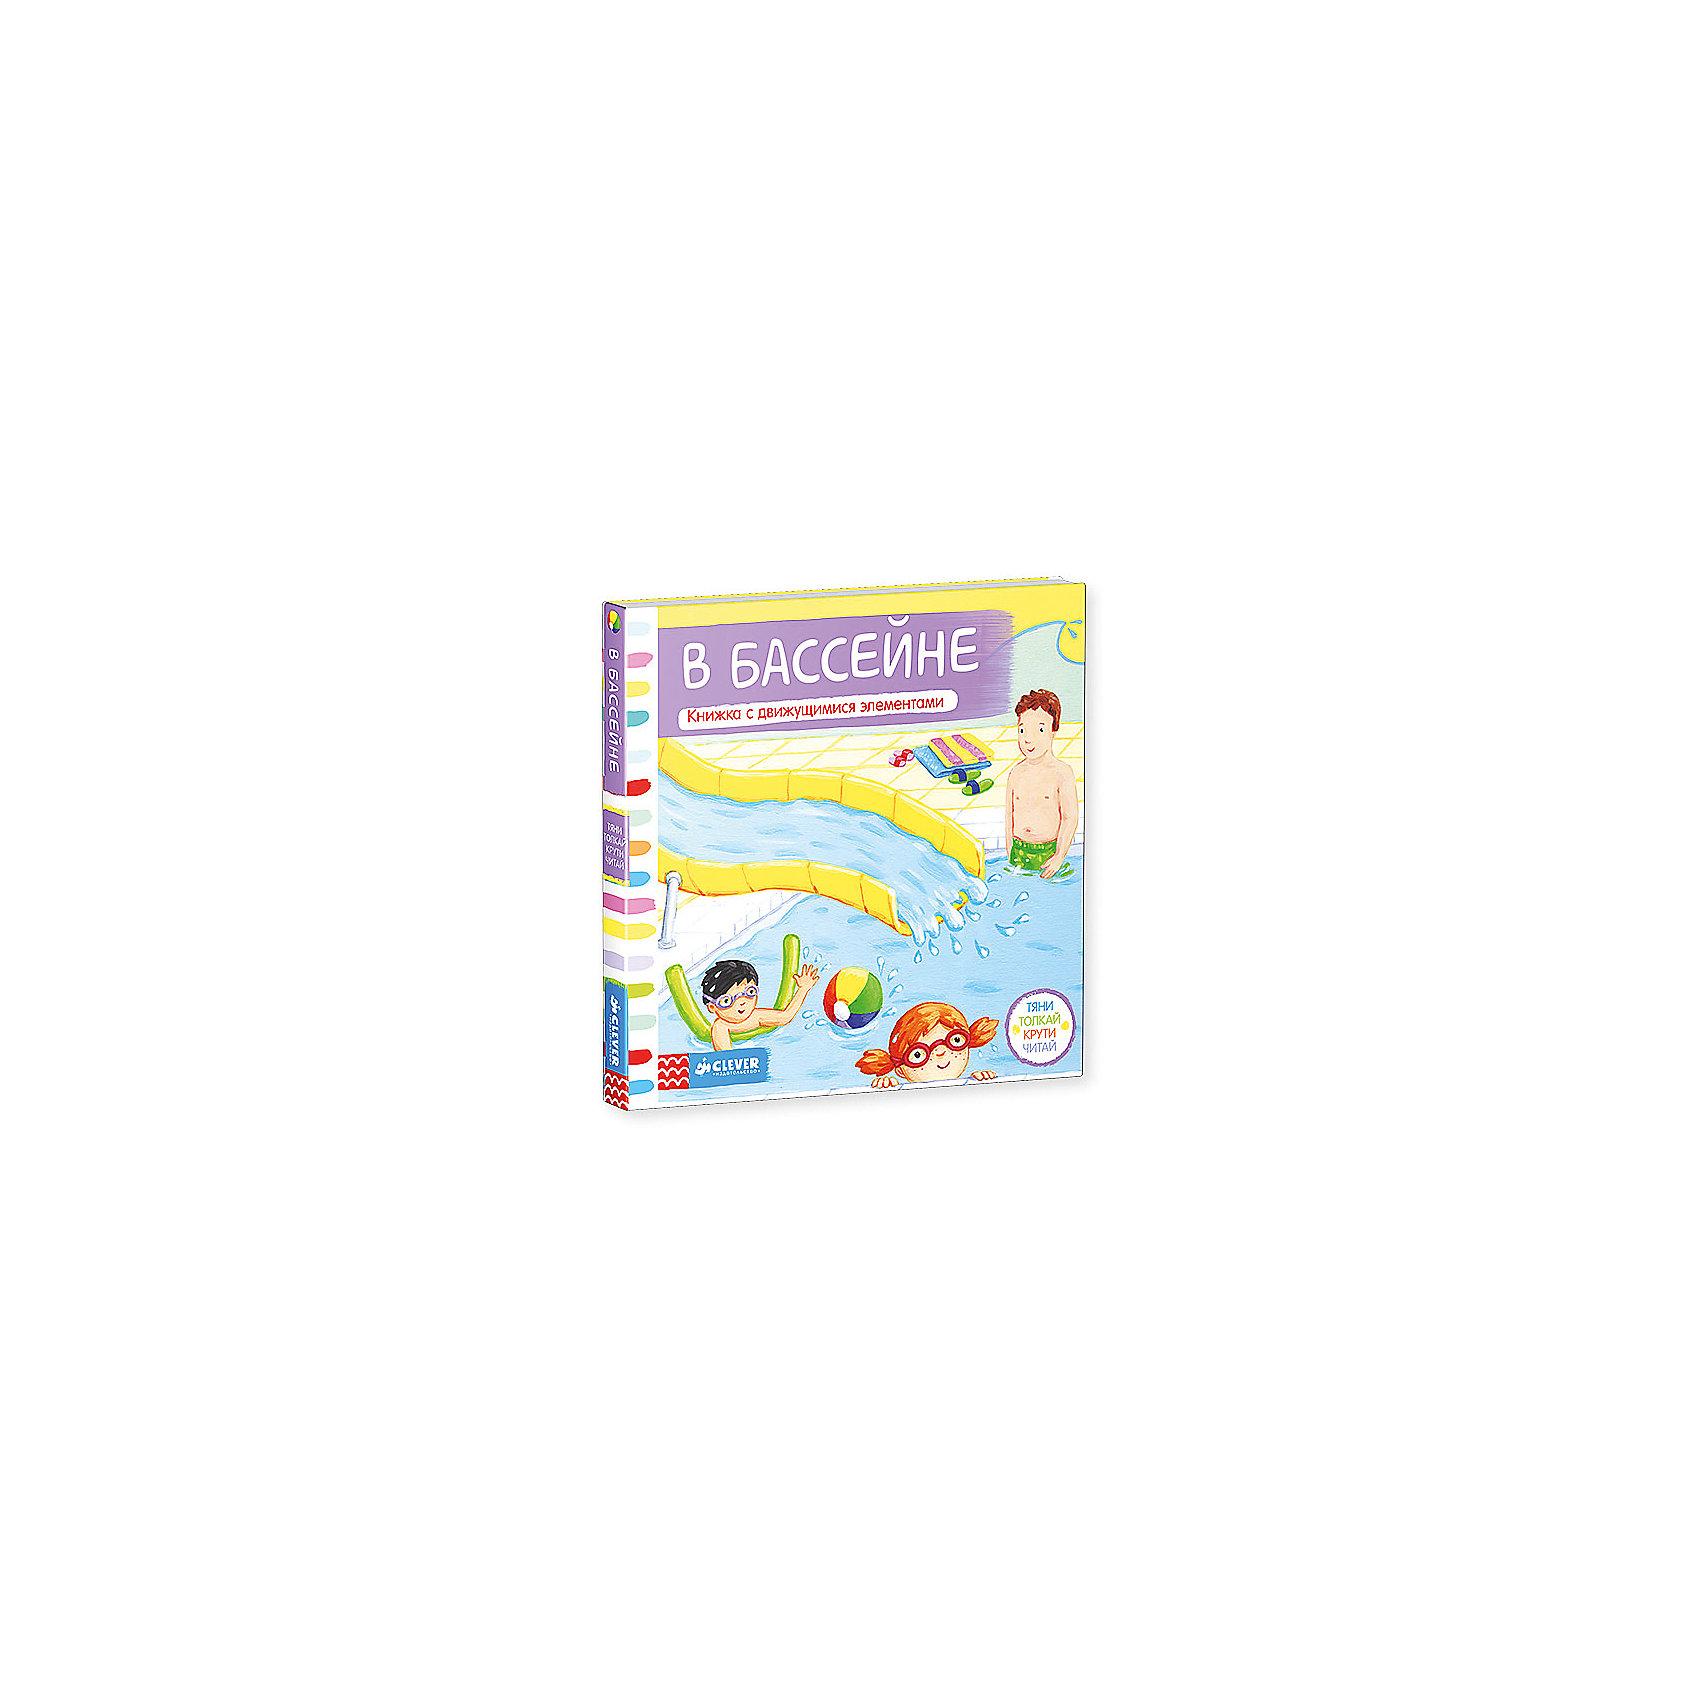 Книга с движущимися элементами В бассейнеТворчество для малышей<br>Книга с движущимися элементами В бассейне - увлекательная книжка-игрушка для малышей возраста 0-3 года.<br>Книга В бассейне – это познавательная книга для знакомства с окружающим миром и игра для развития мелкой моторики и внимания. Читайте веселые стихи и выполняйте задания. Рассказывайте ребенку о том, что плаванье это не только укрепление здоровья, но еще и приятное времяпрепровождения всей семьей. Расскажите, какие бывают средства безопасности на воде и о правилах поведения. У книги удобный формат и плотные картонные страницы с движущимися элементами.<br><br>Дополнительная информация:<br><br>- Переводчик: Фокина Юлия<br>- Редактор: Попова Евгения<br>- Издательство: Клевер Медиа Групп, 2016 г.<br>- Серия: Тяни, толкай, крути, читай<br>- Тип обложки: картонная обложка<br>- Оформление: вырубка, с подвижными элементами<br>- Иллюстрации: цветные<br>- Количество страниц: 8 (картон)<br>- Размер: 181x182x16 мм.<br>- Вес: 314 гр.<br><br>Книгу с движущимися элементами В бассейне можно купить в нашем интернет-магазине.<br><br>Ширина мм: 180<br>Глубина мм: 180<br>Высота мм: 15<br>Вес г: 285<br>Возраст от месяцев: 12<br>Возраст до месяцев: 36<br>Пол: Унисекс<br>Возраст: Детский<br>SKU: 4621988